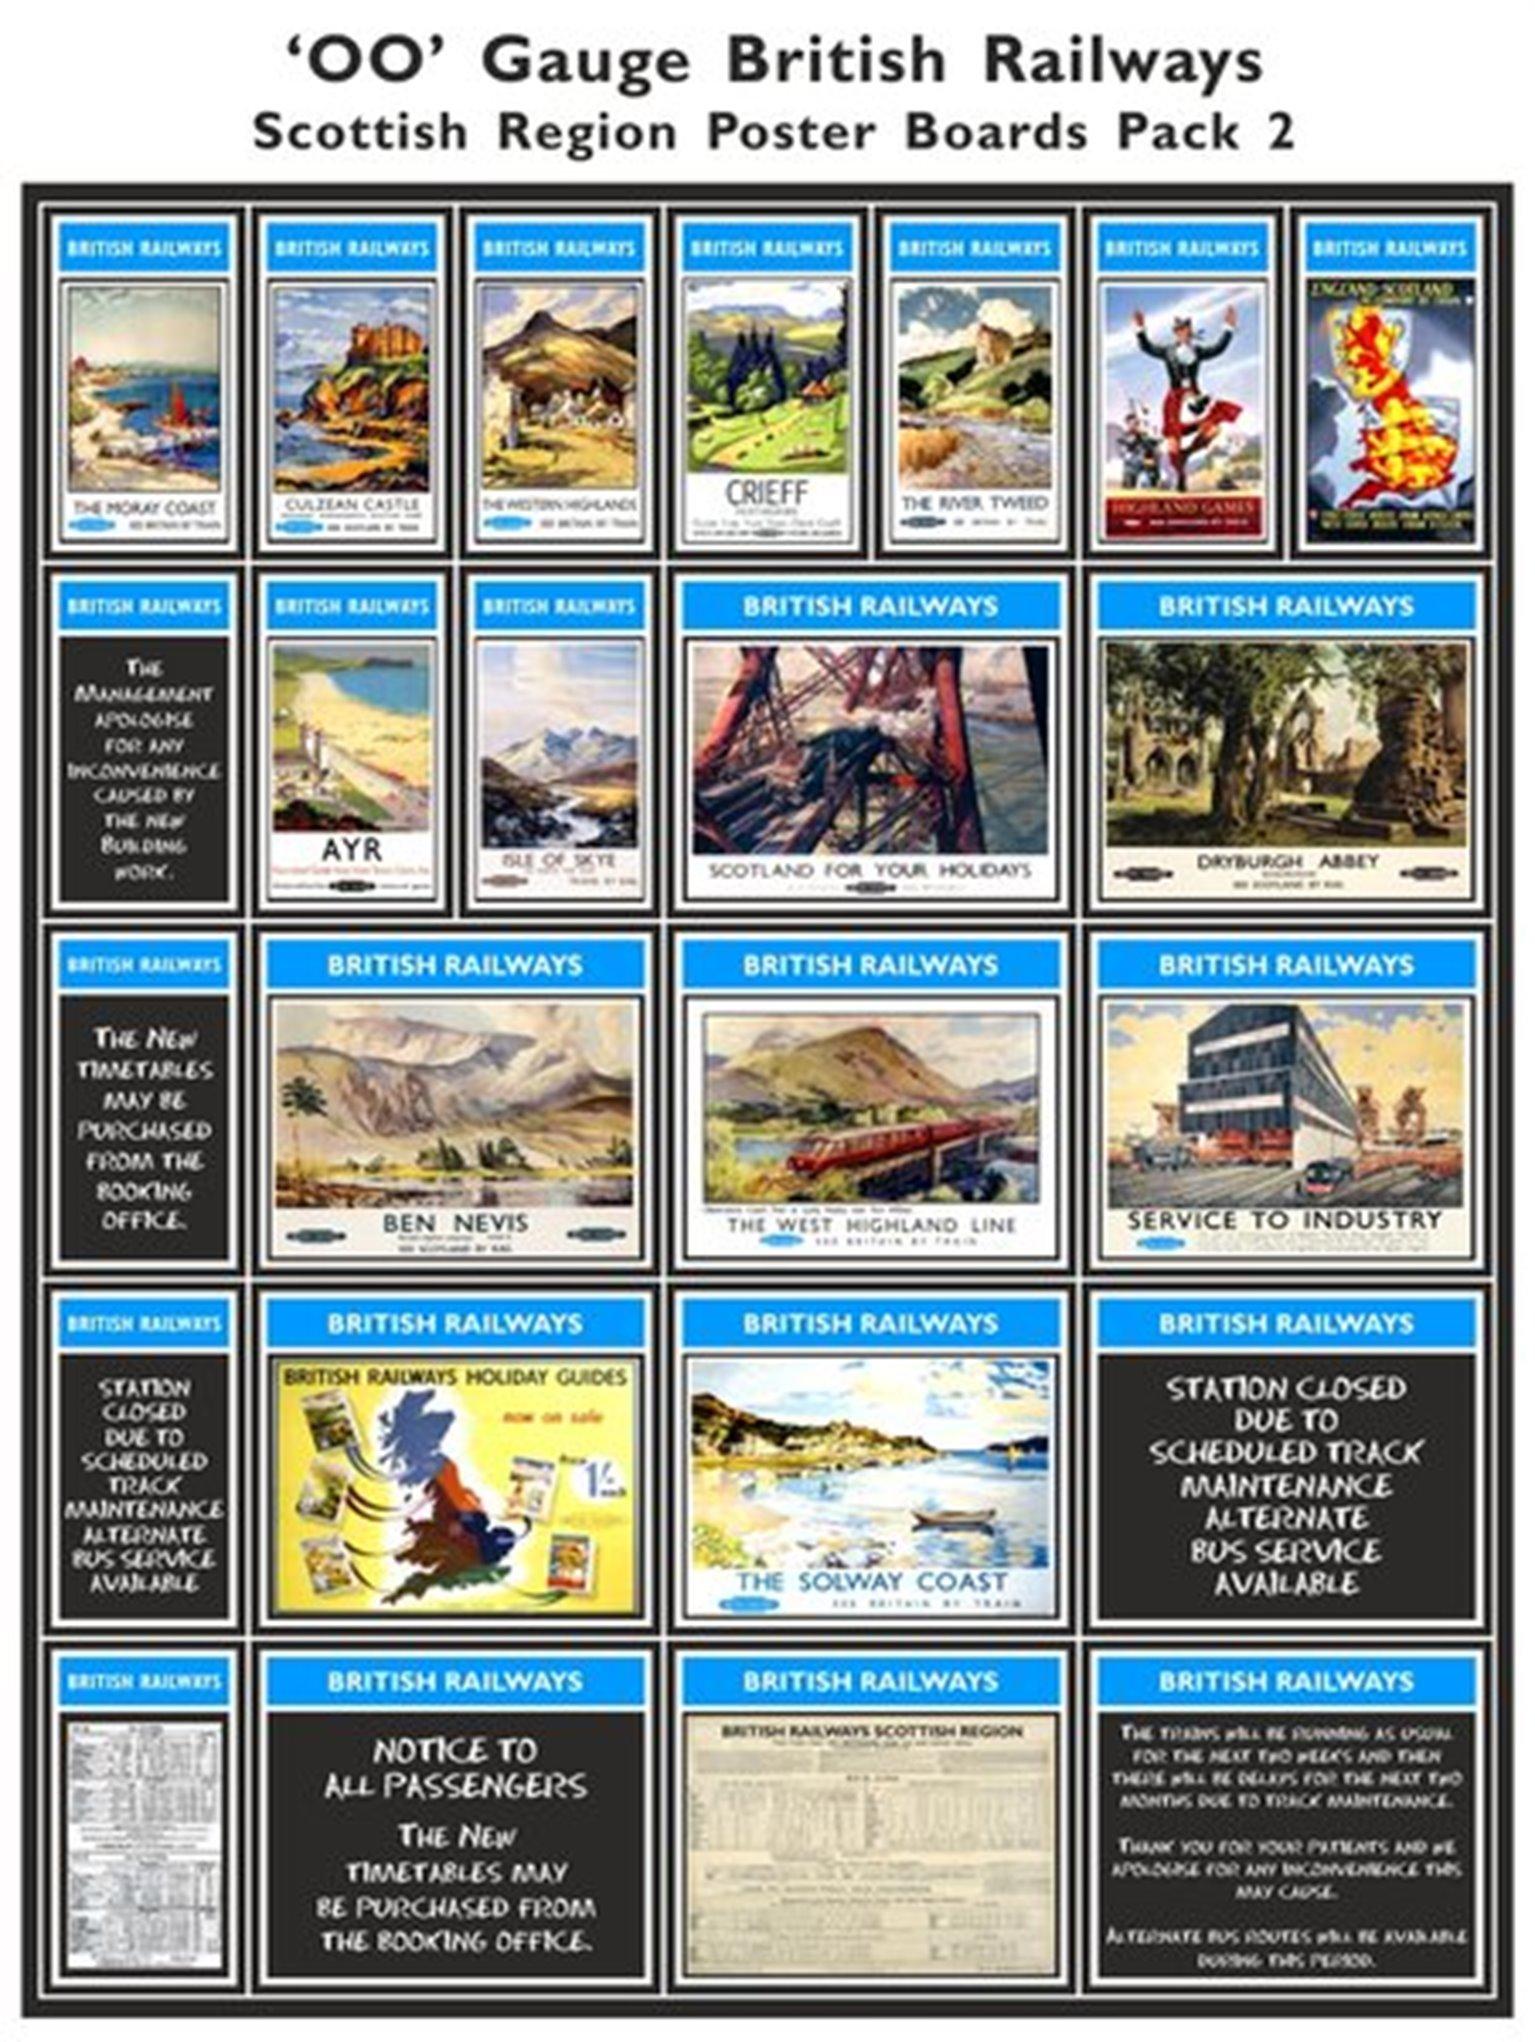 British Railways Scottish Region Poster Boards Pack 2